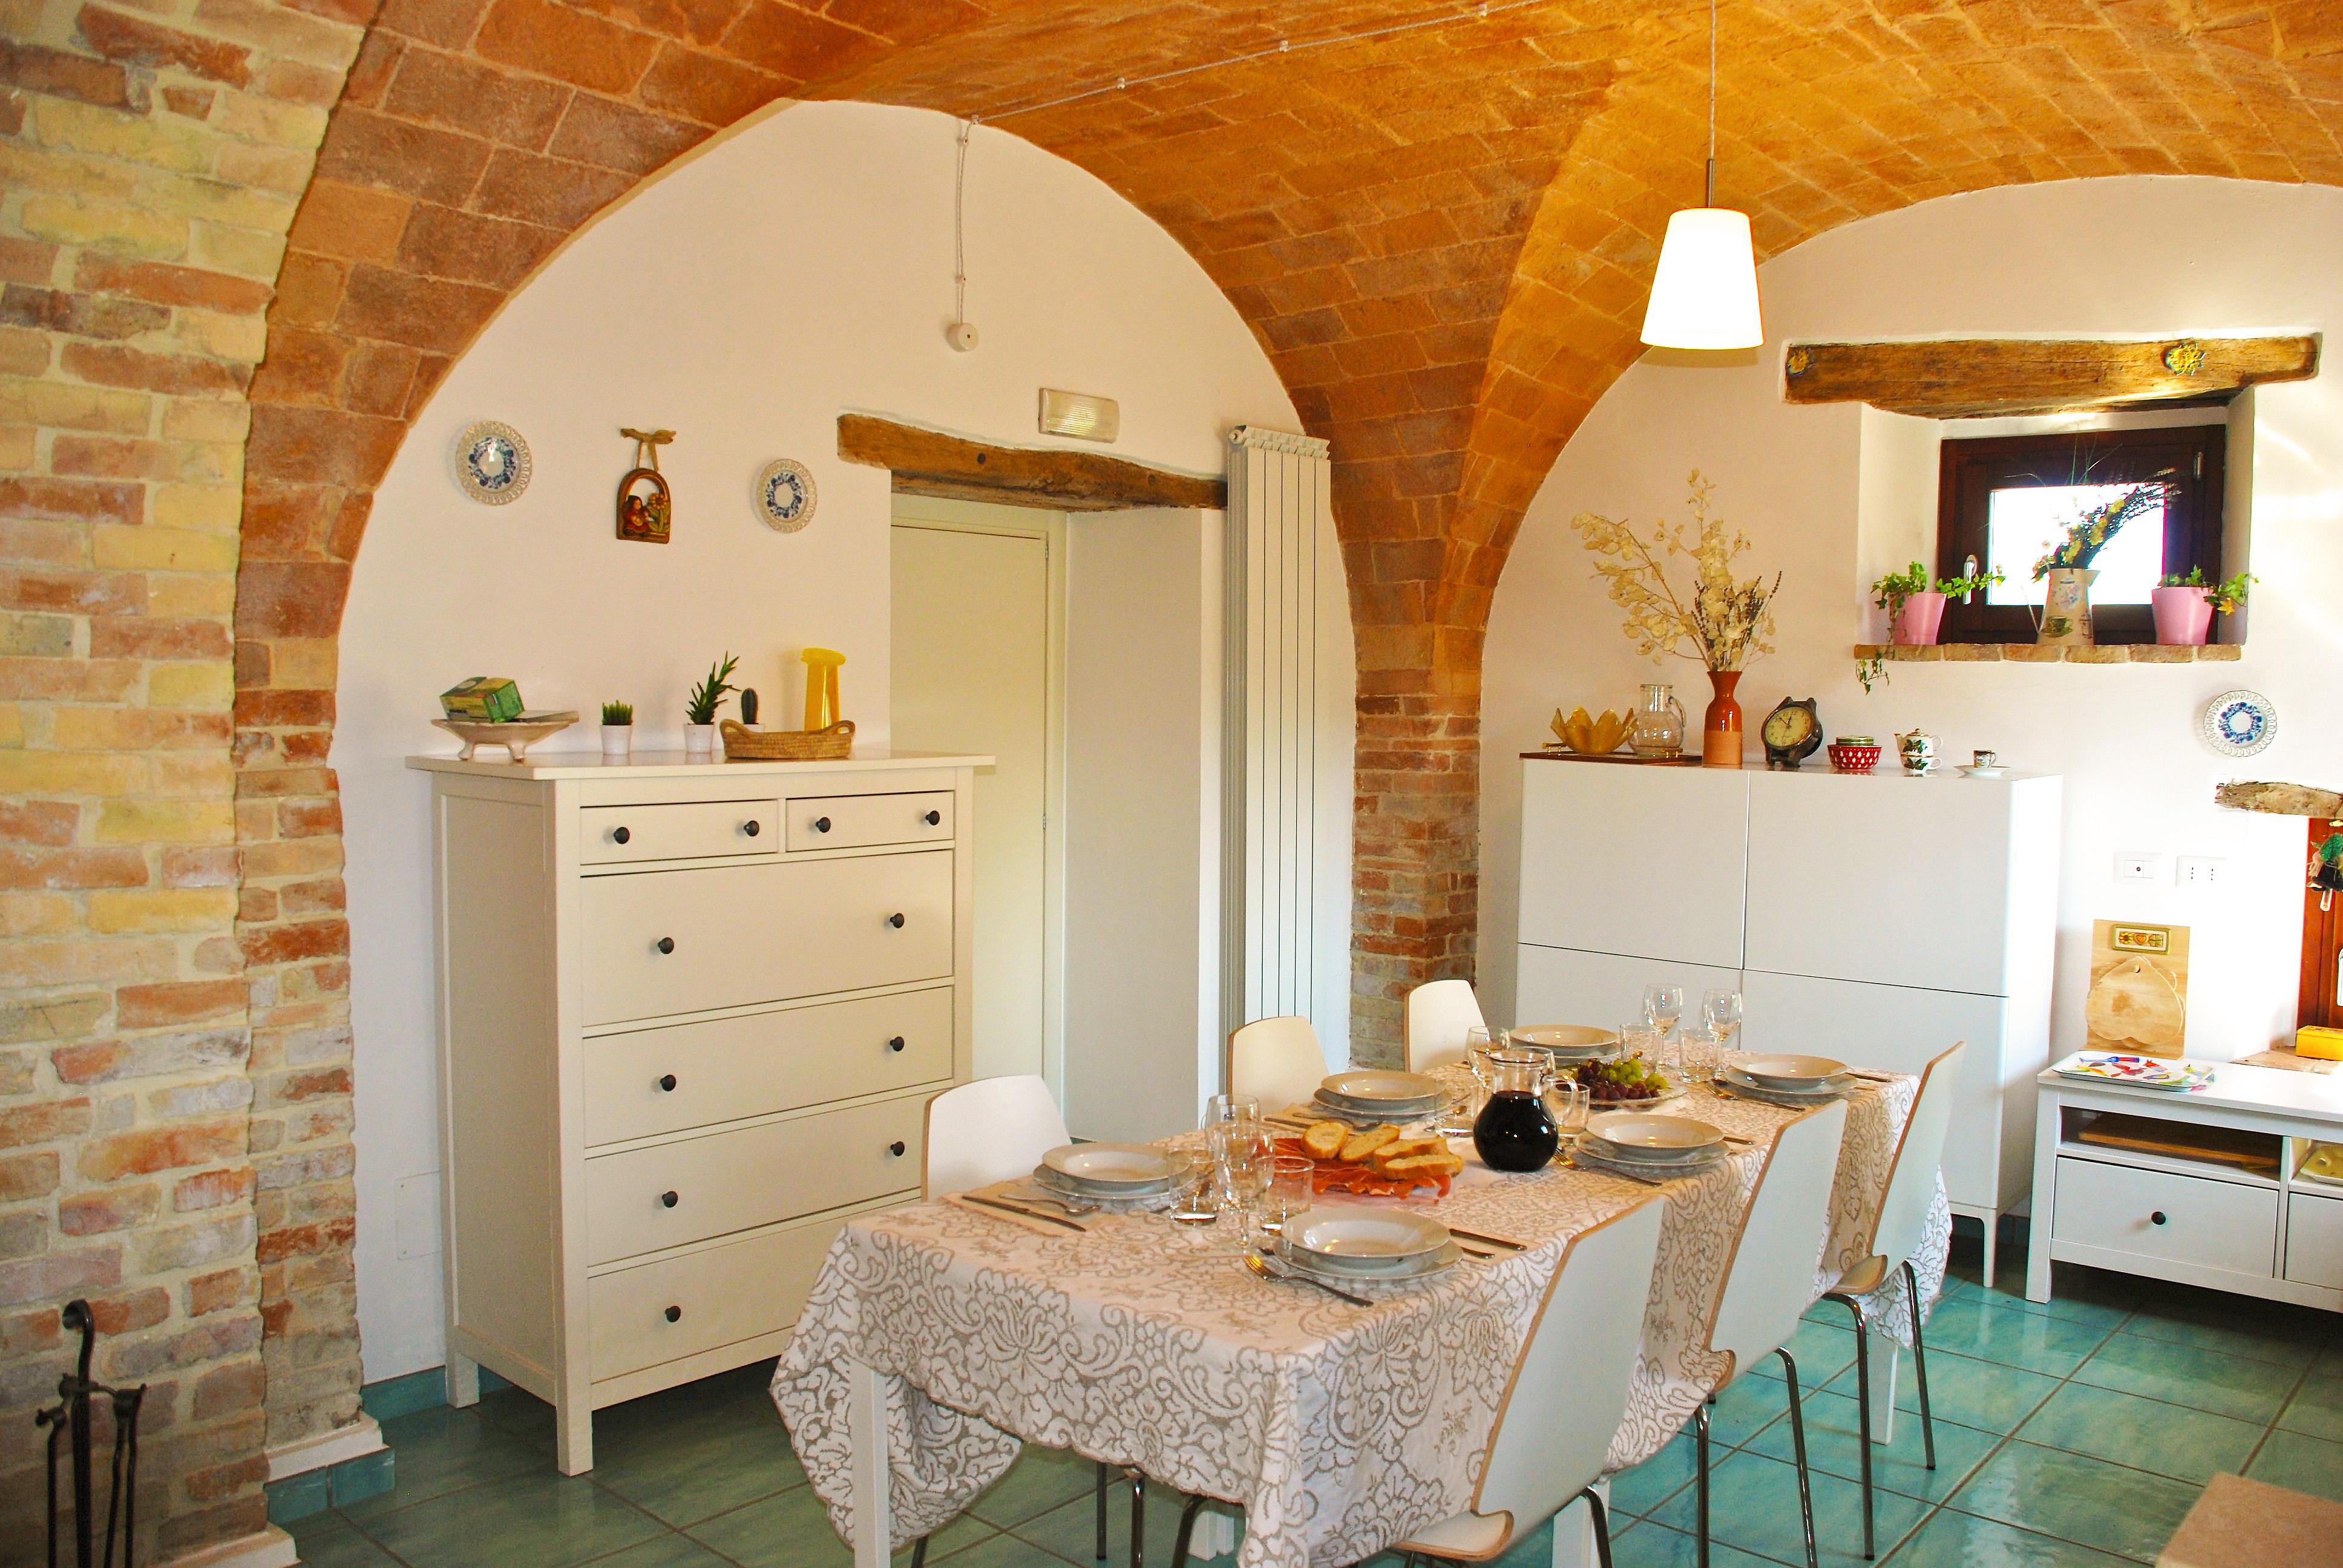 Ferienwohnung Il Casale di Giovanna - Rosemary (2123980), San Venanzo, Ascoli Piceno, Marken, Italien, Bild 11